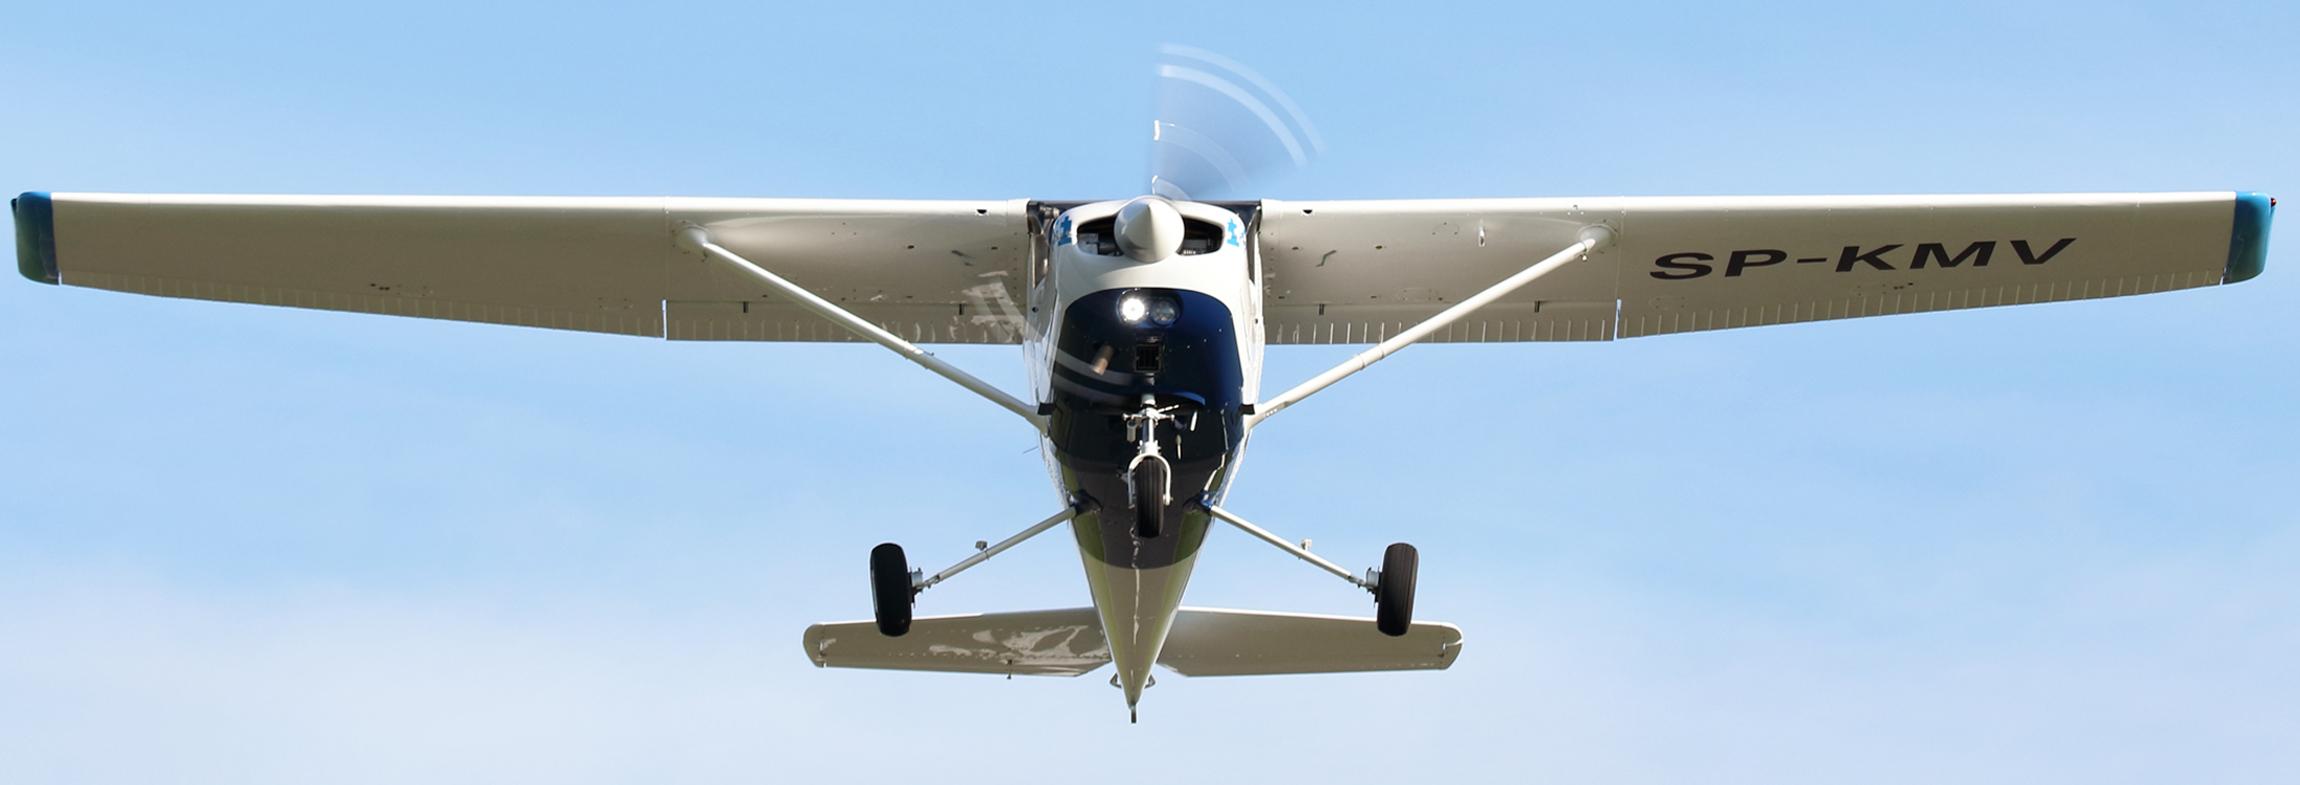 Cessna C-152 SP-KMV